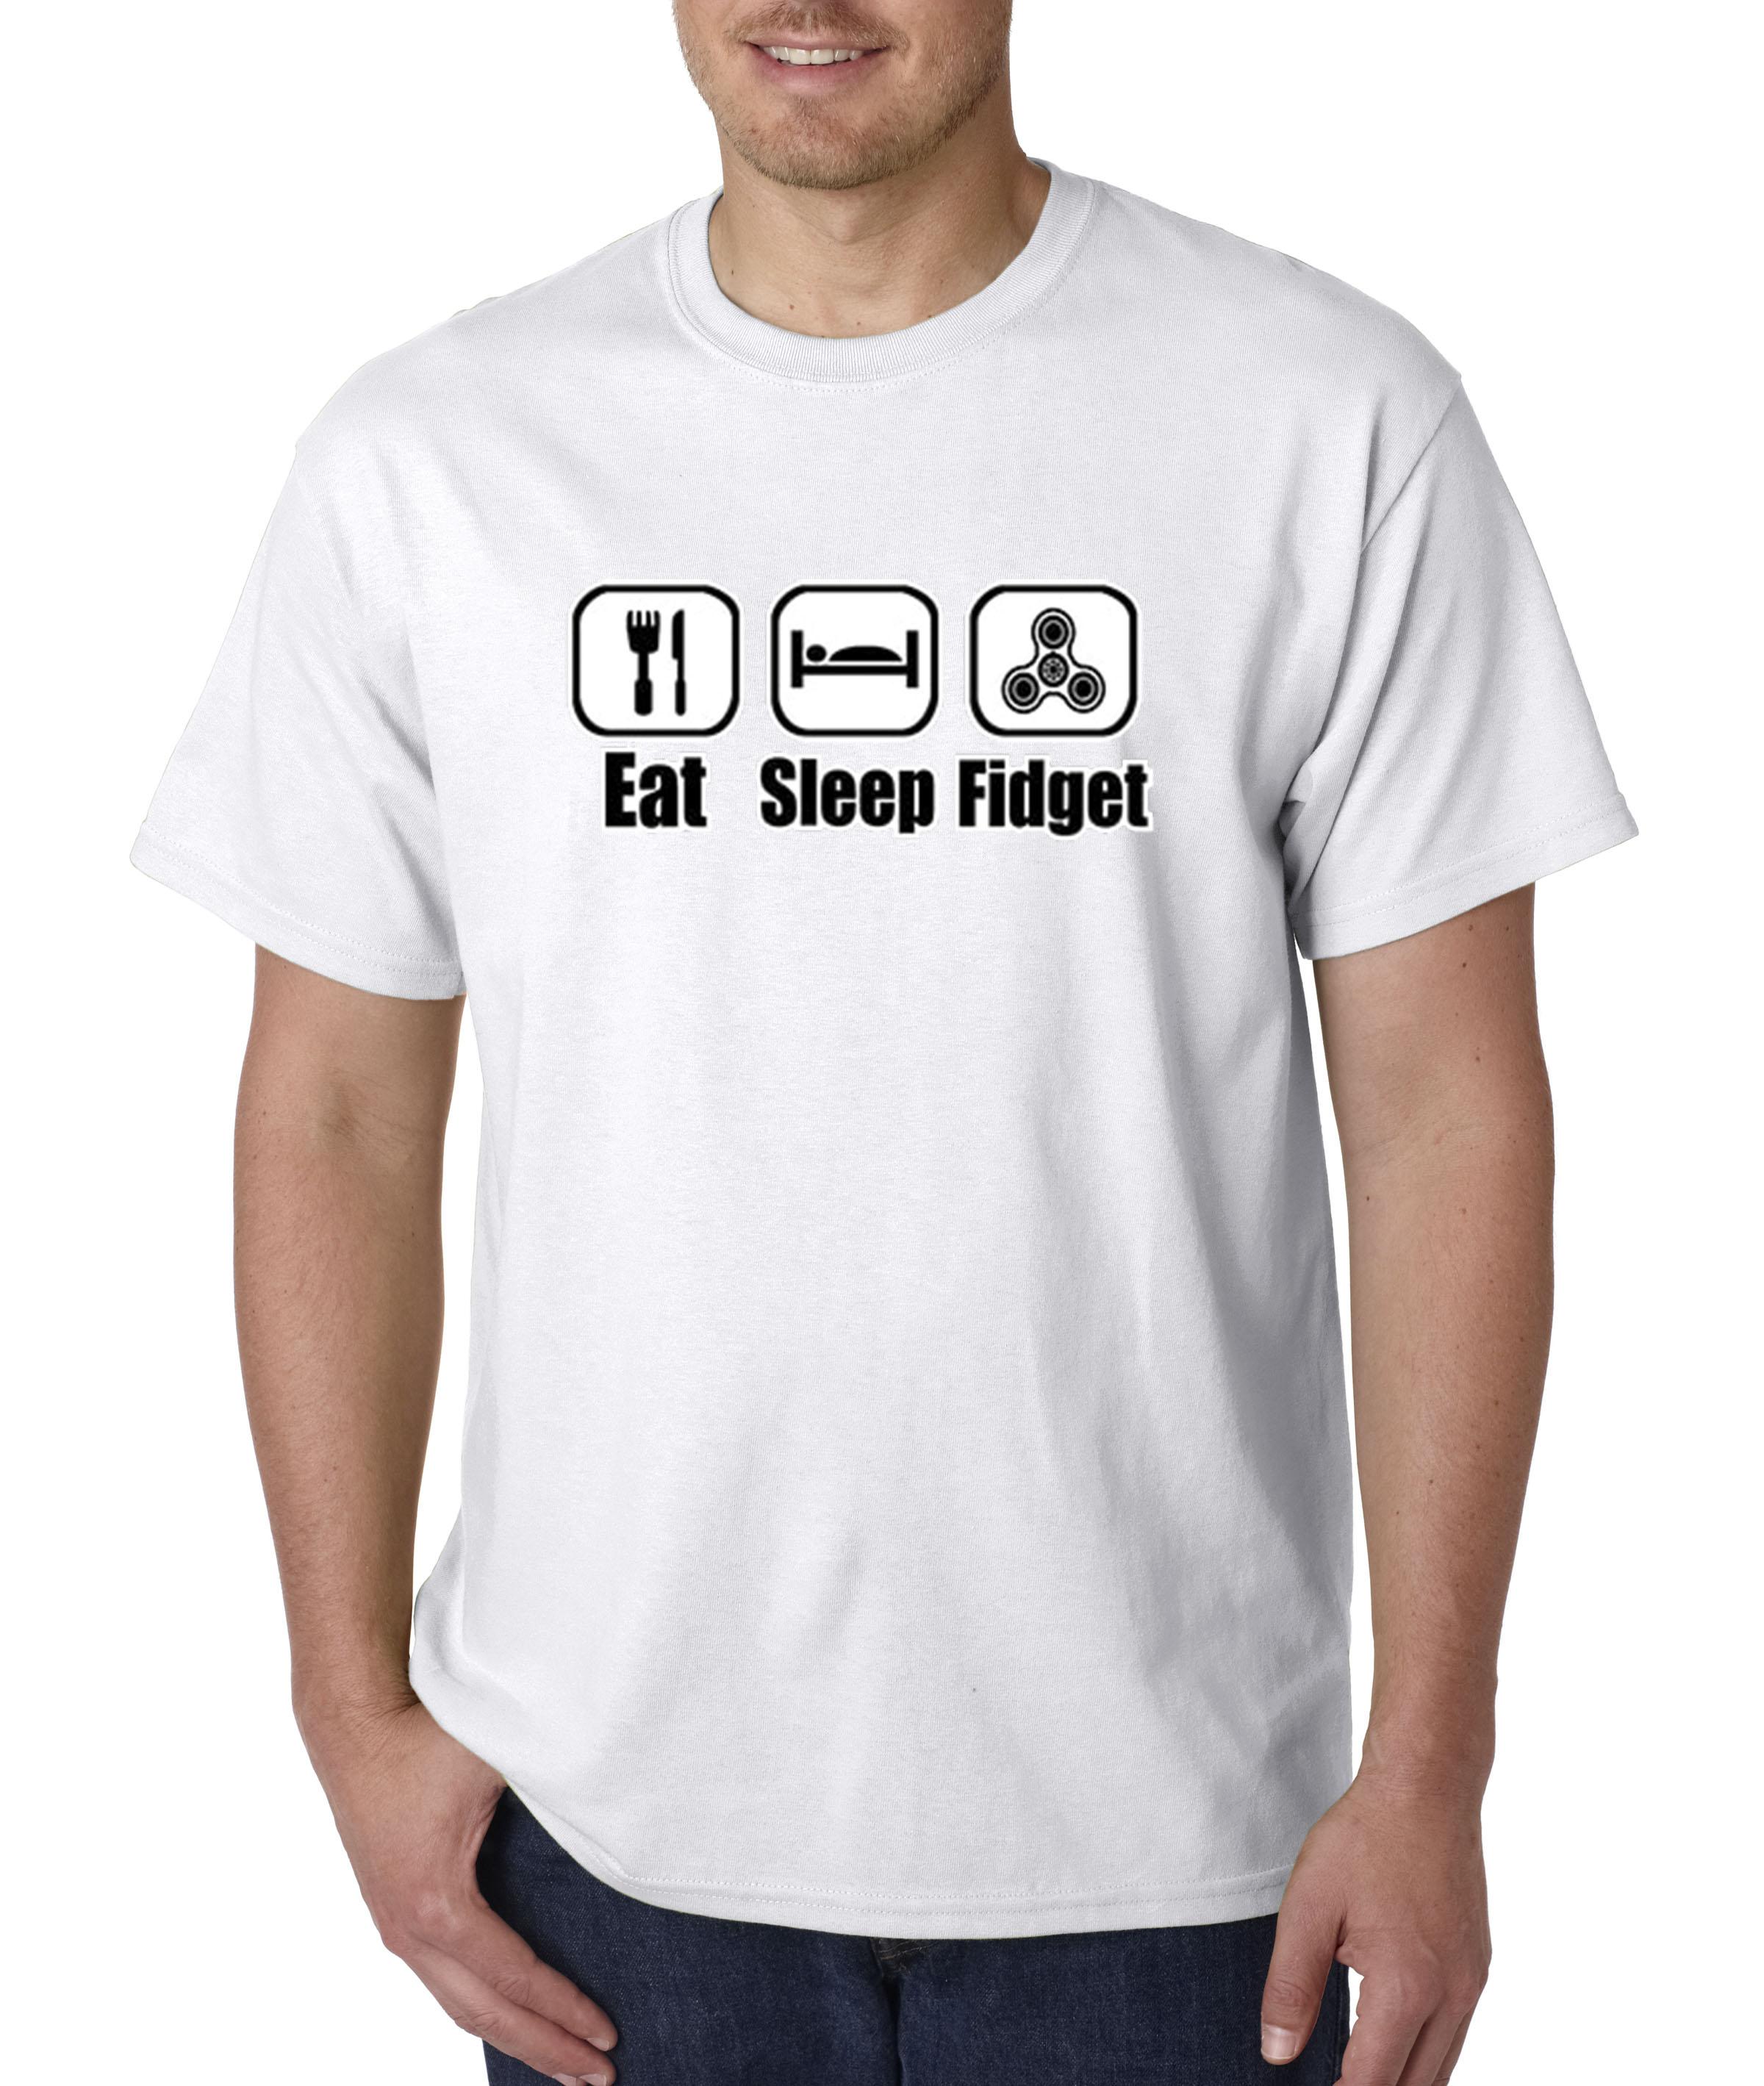 07f6ce2e94a 682 - Unisex T-Shirt Eat Sleep Fidget Spinner Icons - Walmart.com